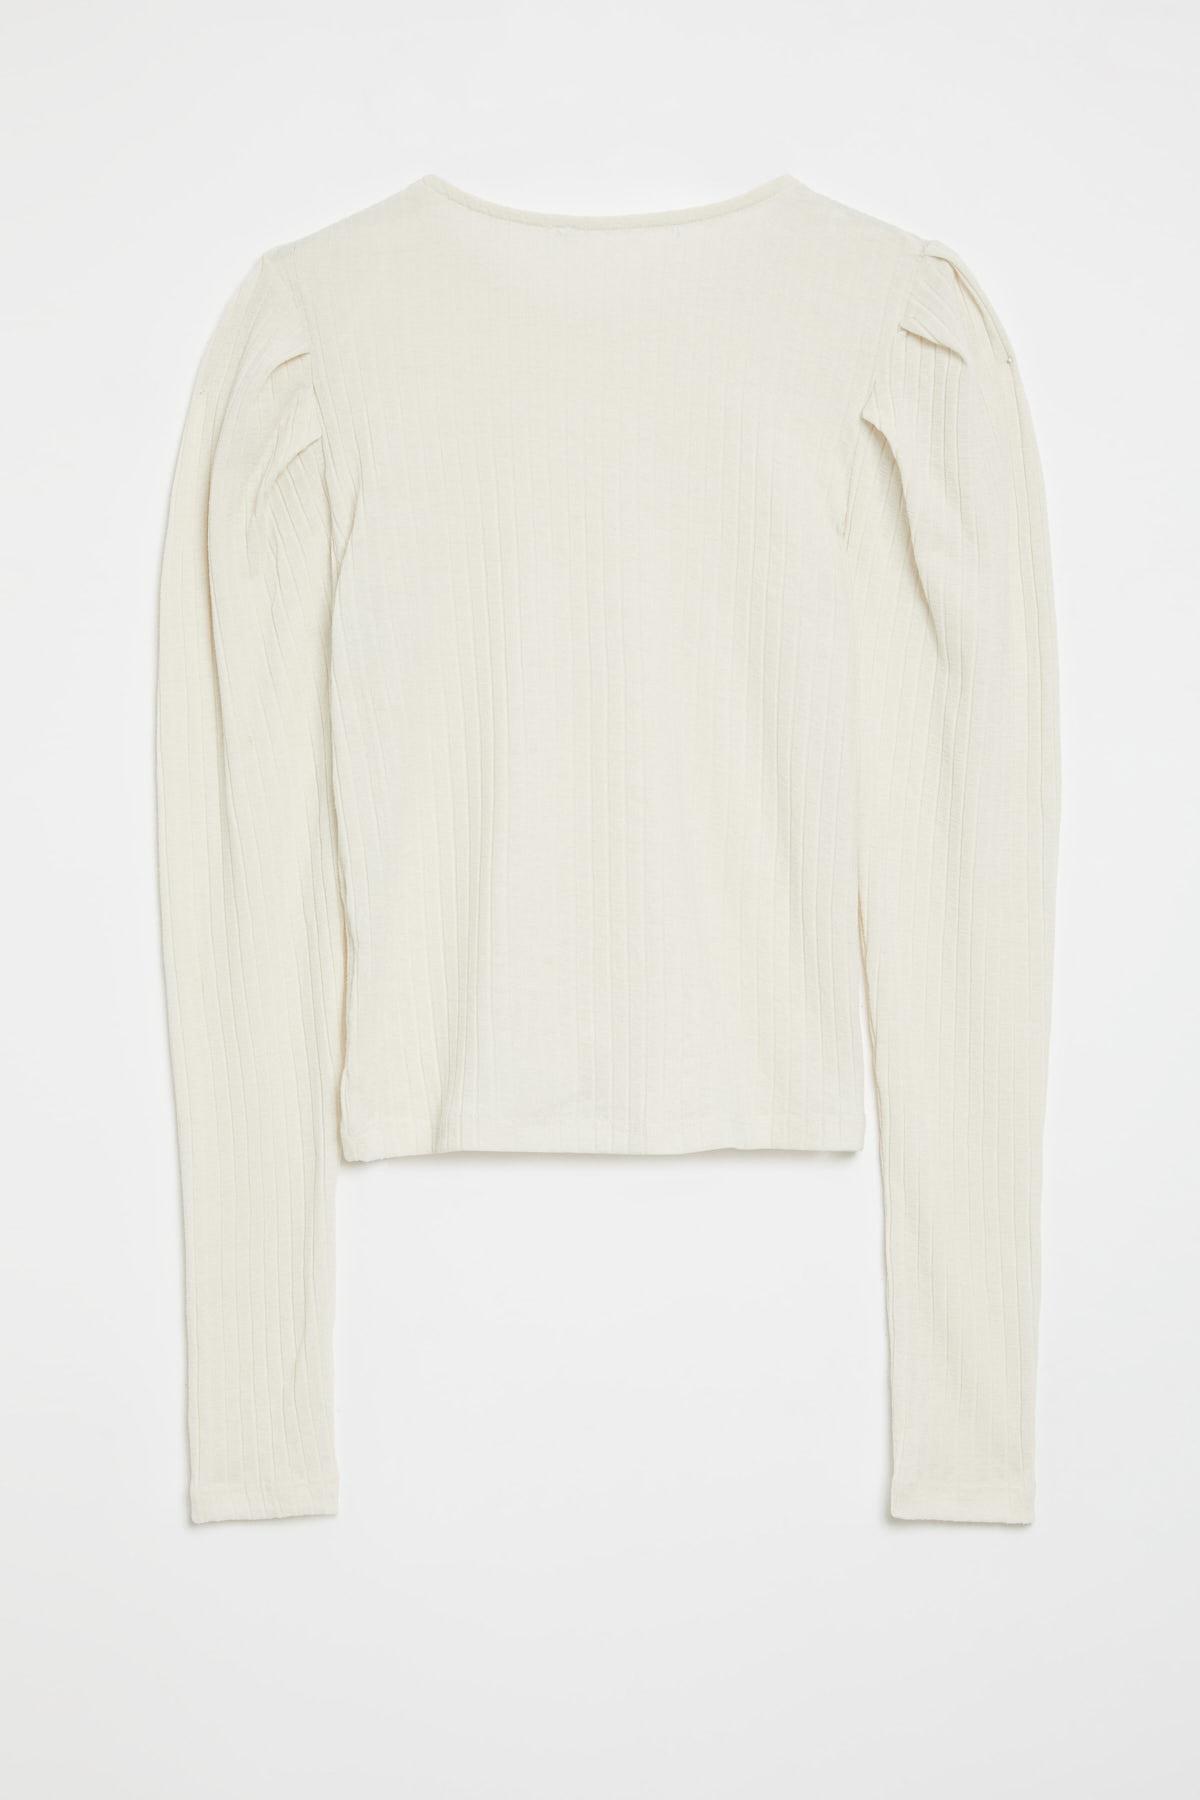 GRIMELANGE KIEV Kadın Beyaz Kolları Pileli Triko Görünümlü Uzun Kollu Bluz 1